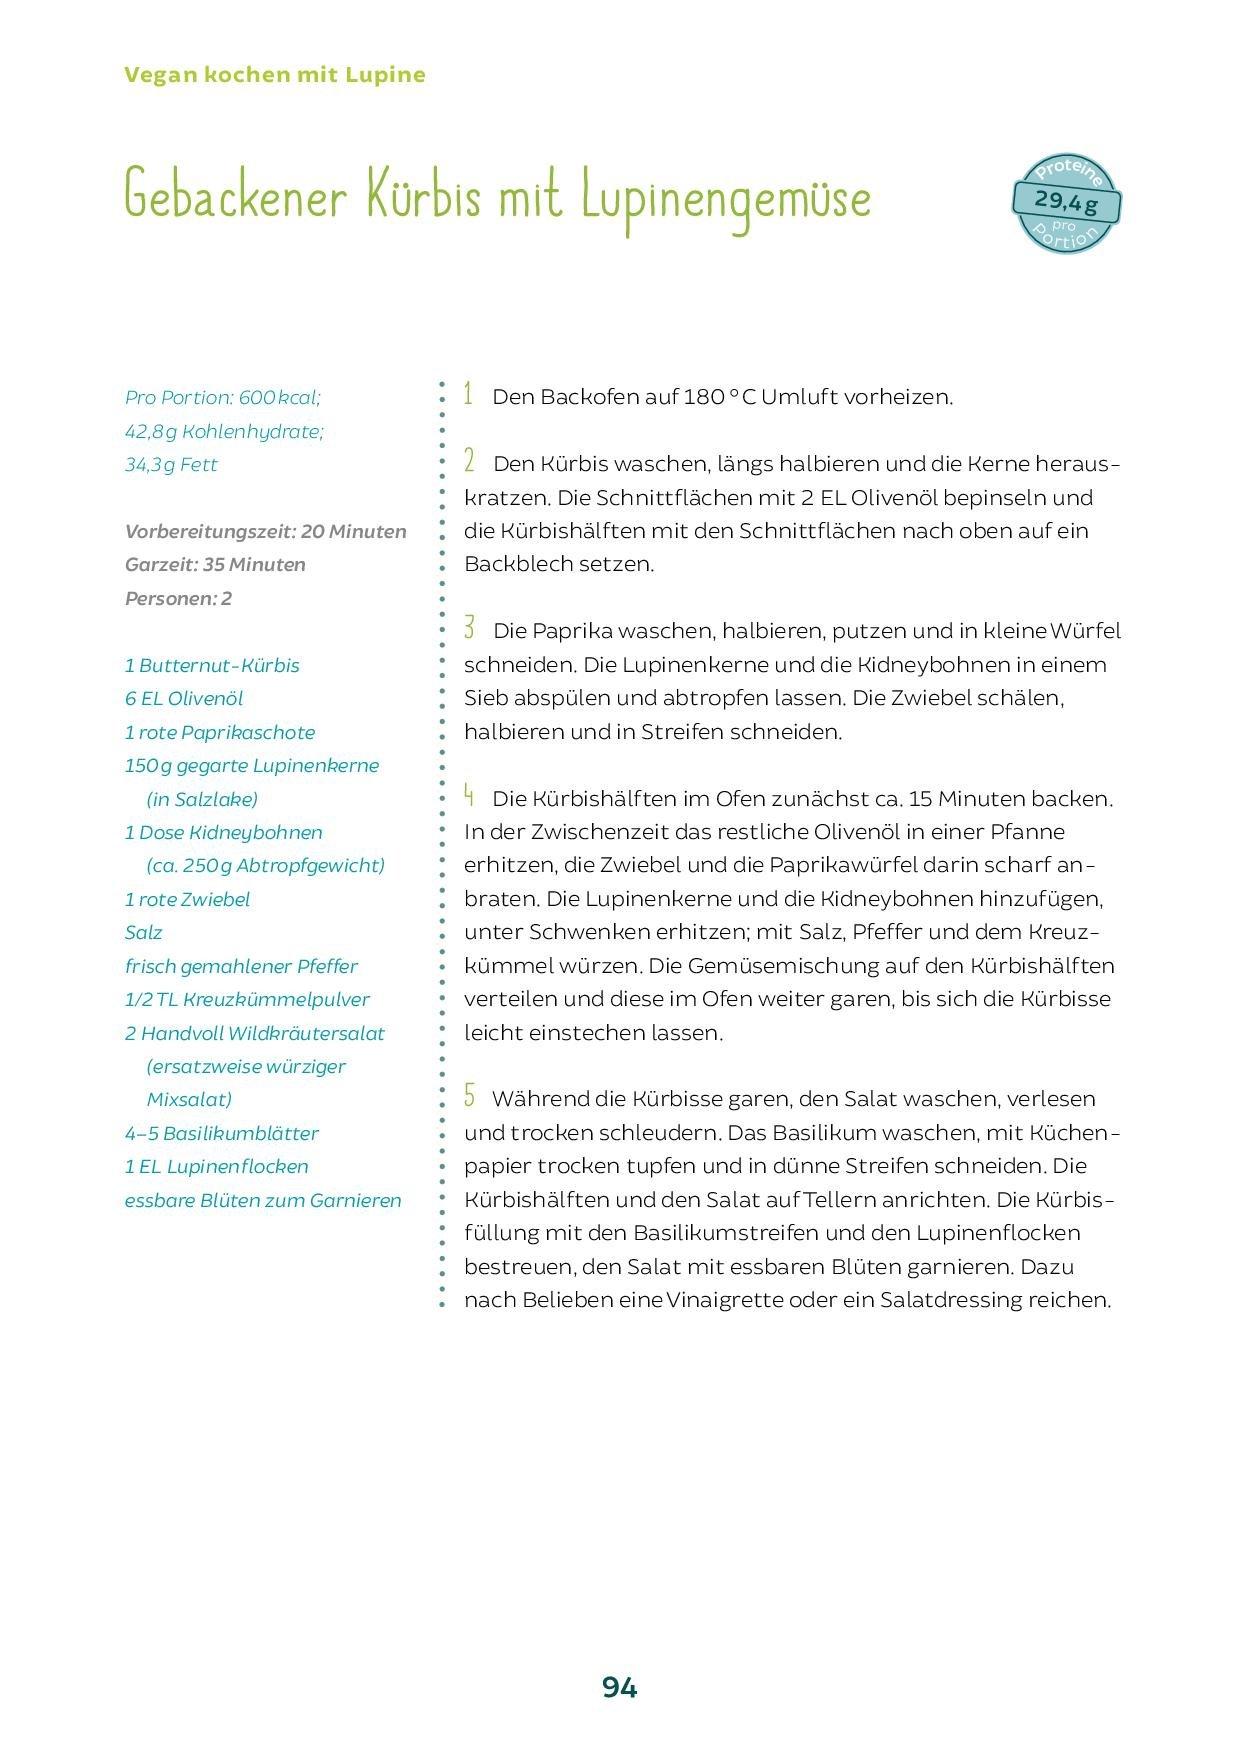 Vegan kochen mit Lupine: Über 55 eiweißreiche und sojafreie Rezepte:  Amazon.de: Christian Wenzel, Timo Hildebrand, Dr. Ruediger Dahlke: Bücher